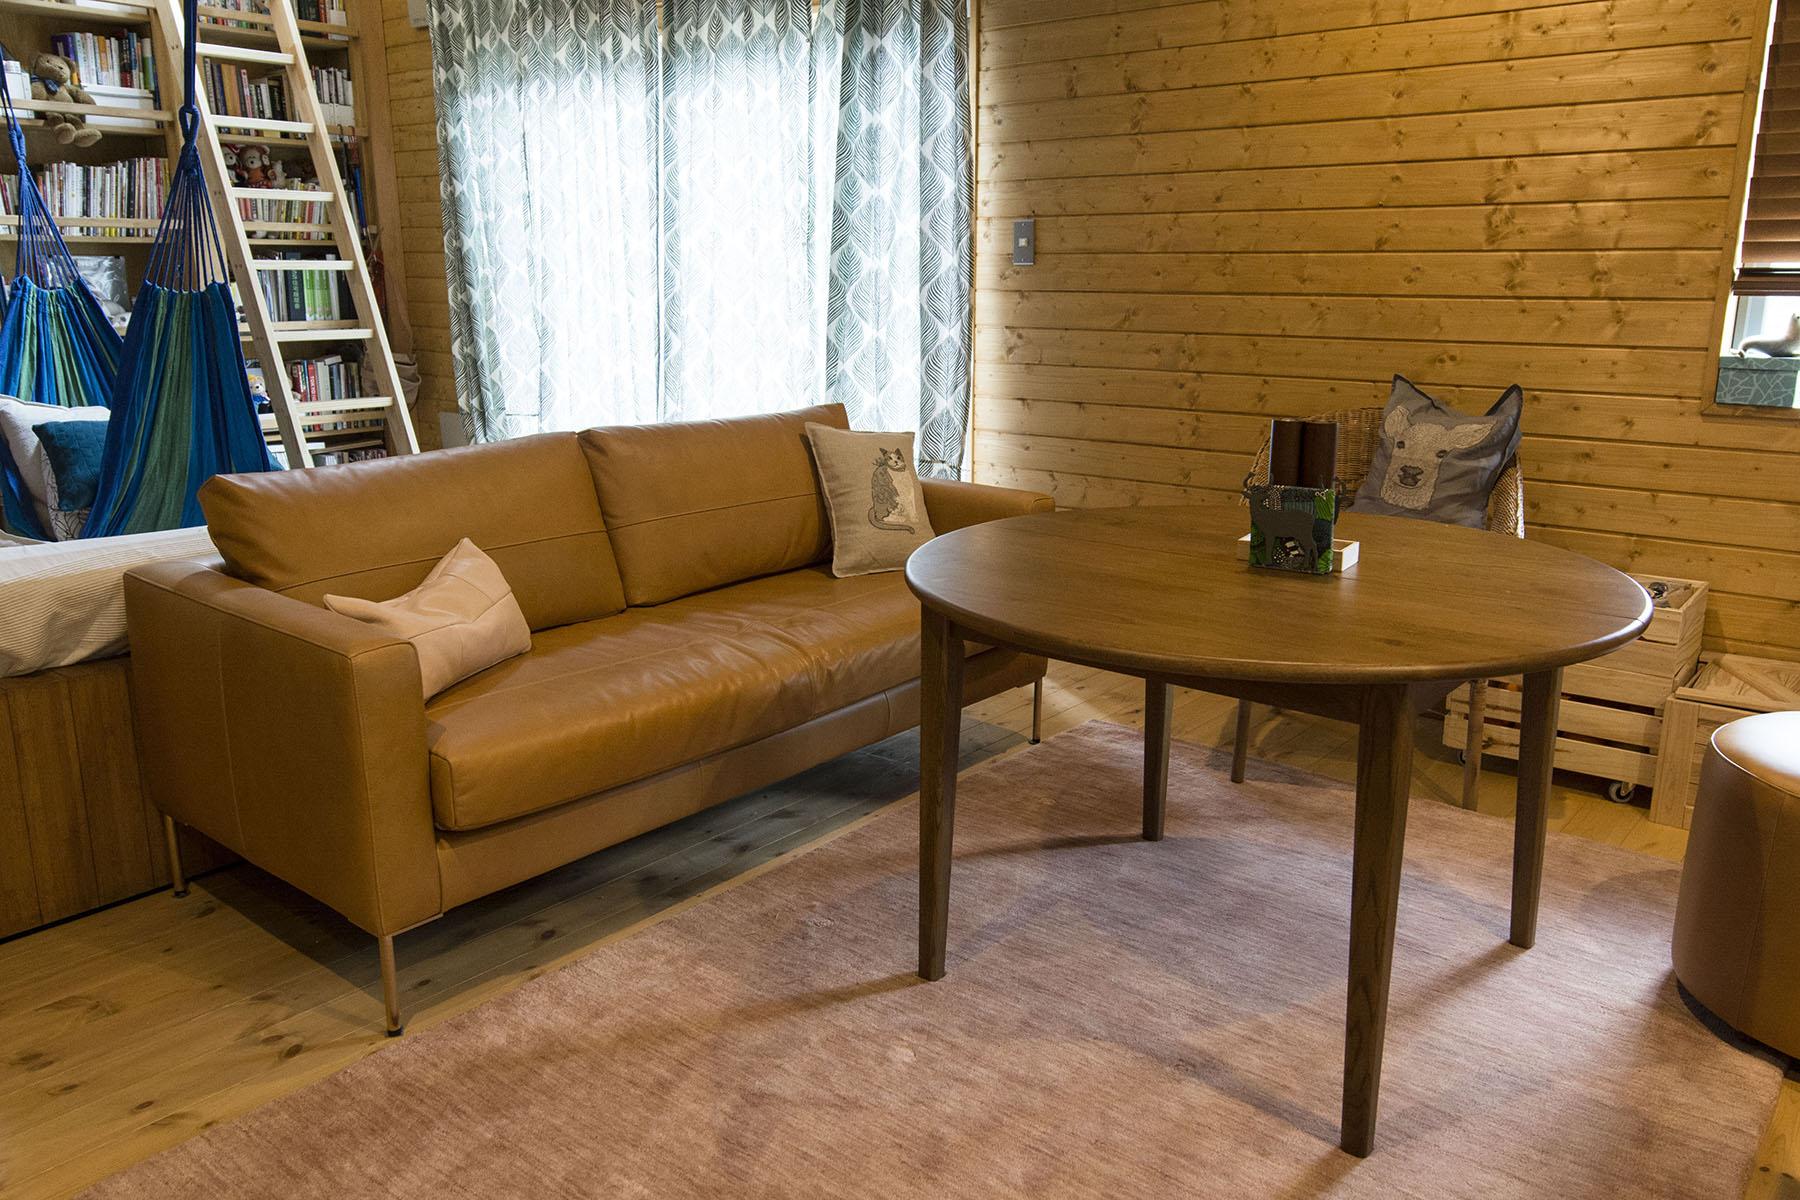 暮らしを楽しむ家にダイニングソファを/KOKOROISHIソファのお客様の声